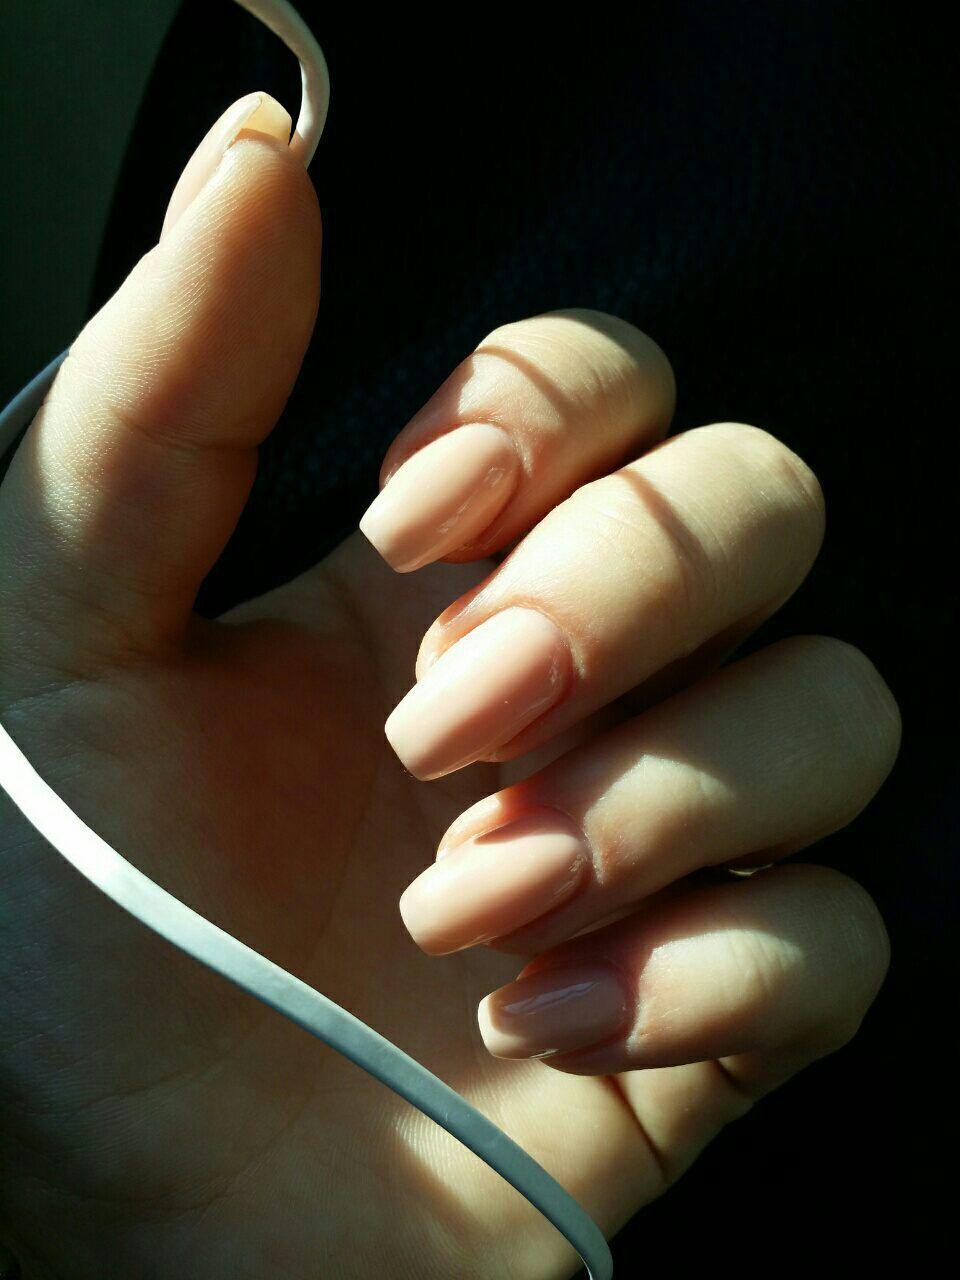 Наращивание ногтей . Гель лак .Ботаника нунта